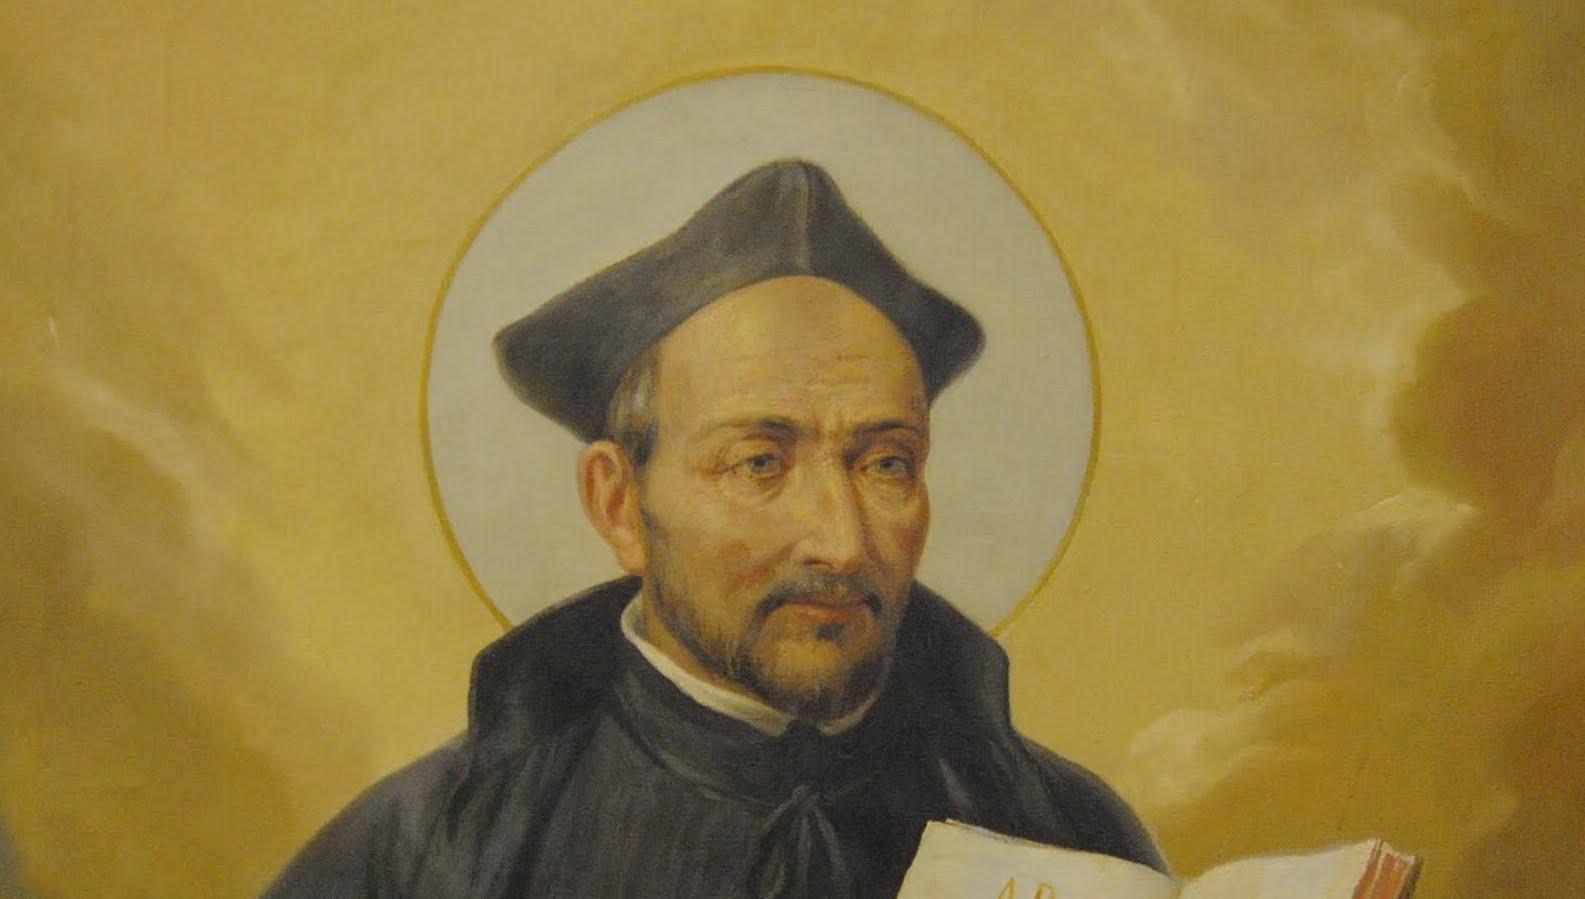 Reguły rozdawania jałmużny (część 3 z 3), Wyobraź sobie że jesteś w dniu Sądu Ostatecznego, św. Ignacy Loyolasłużby Bogu i zbawieniu duszy, św. Ignacy Loyola